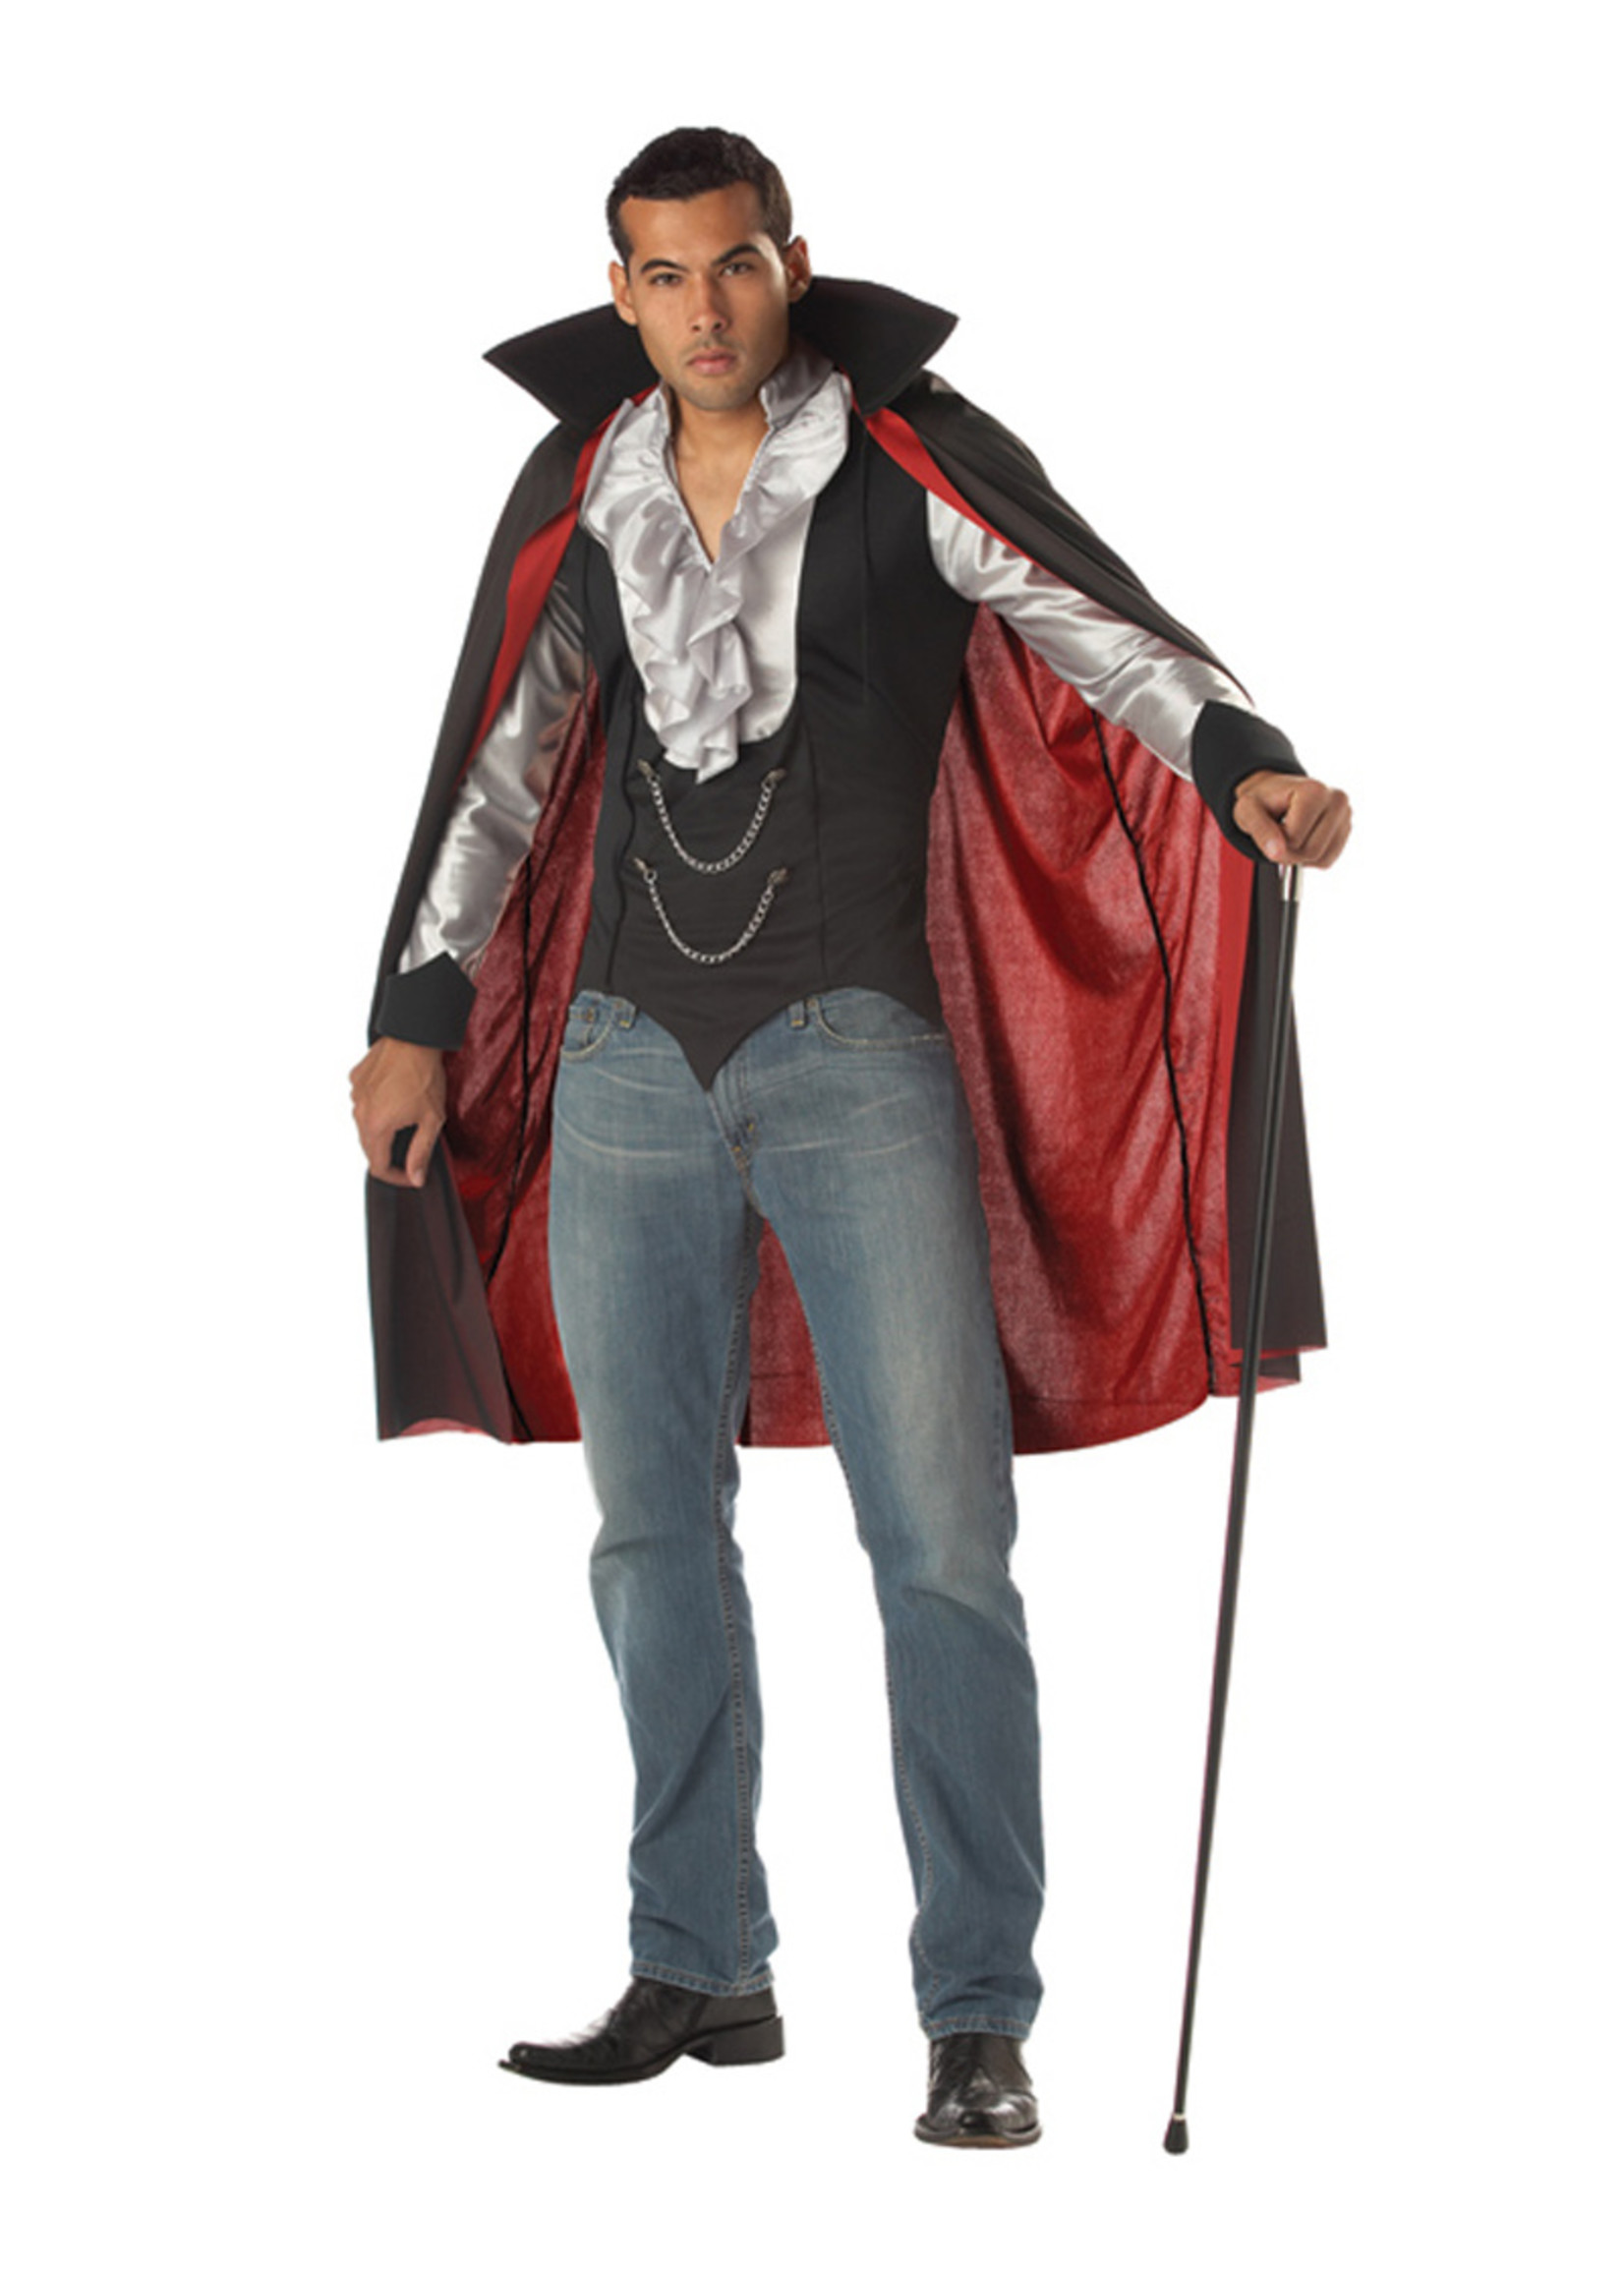 Very Cool Vampire Costume - Men's